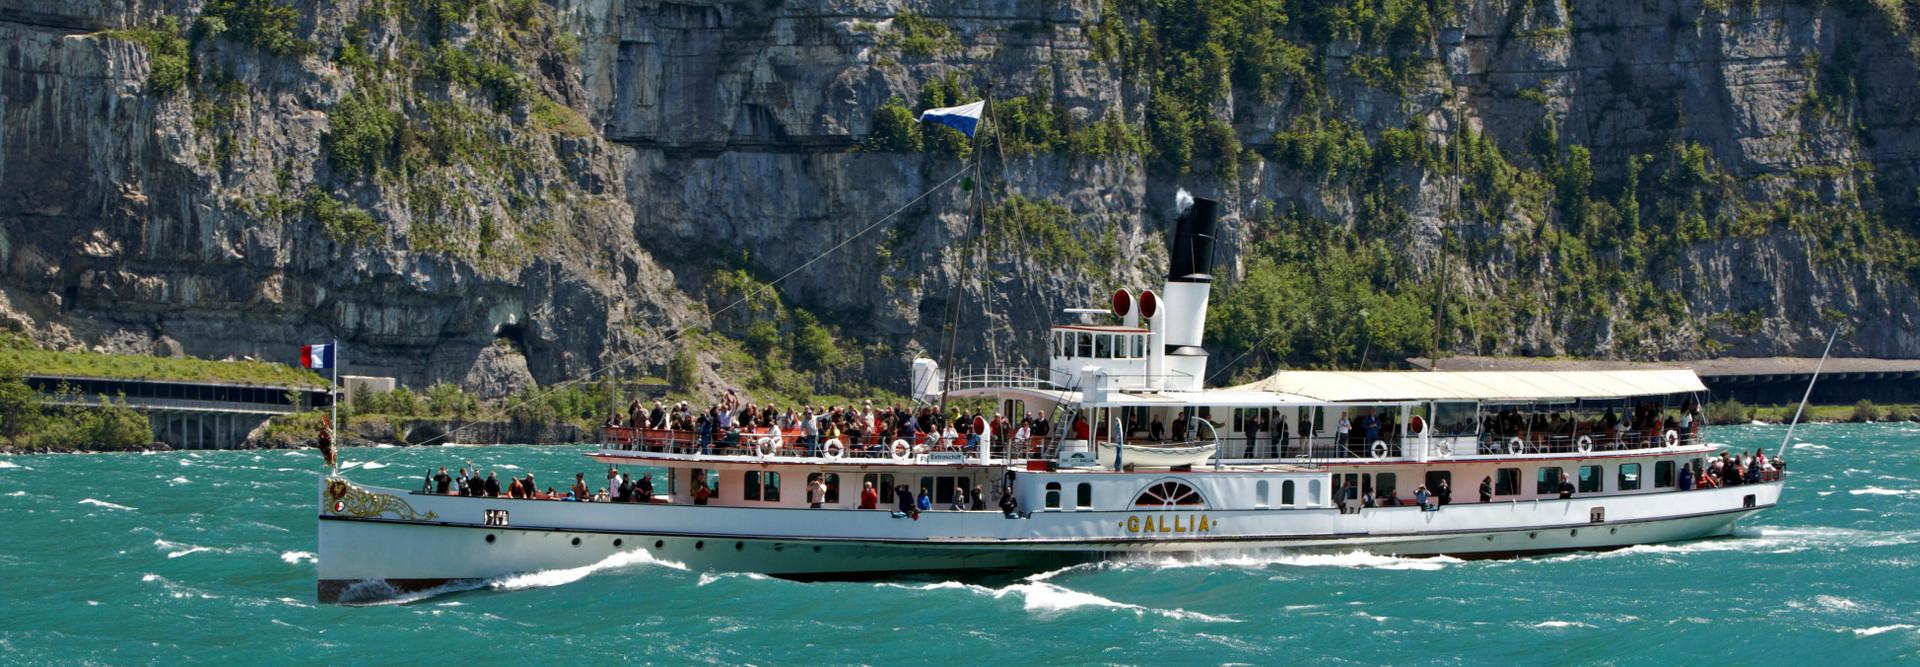 Das Dampfschiff Gallia fährt bei starkem Wellengang auf dem Vierwaldstättersee.